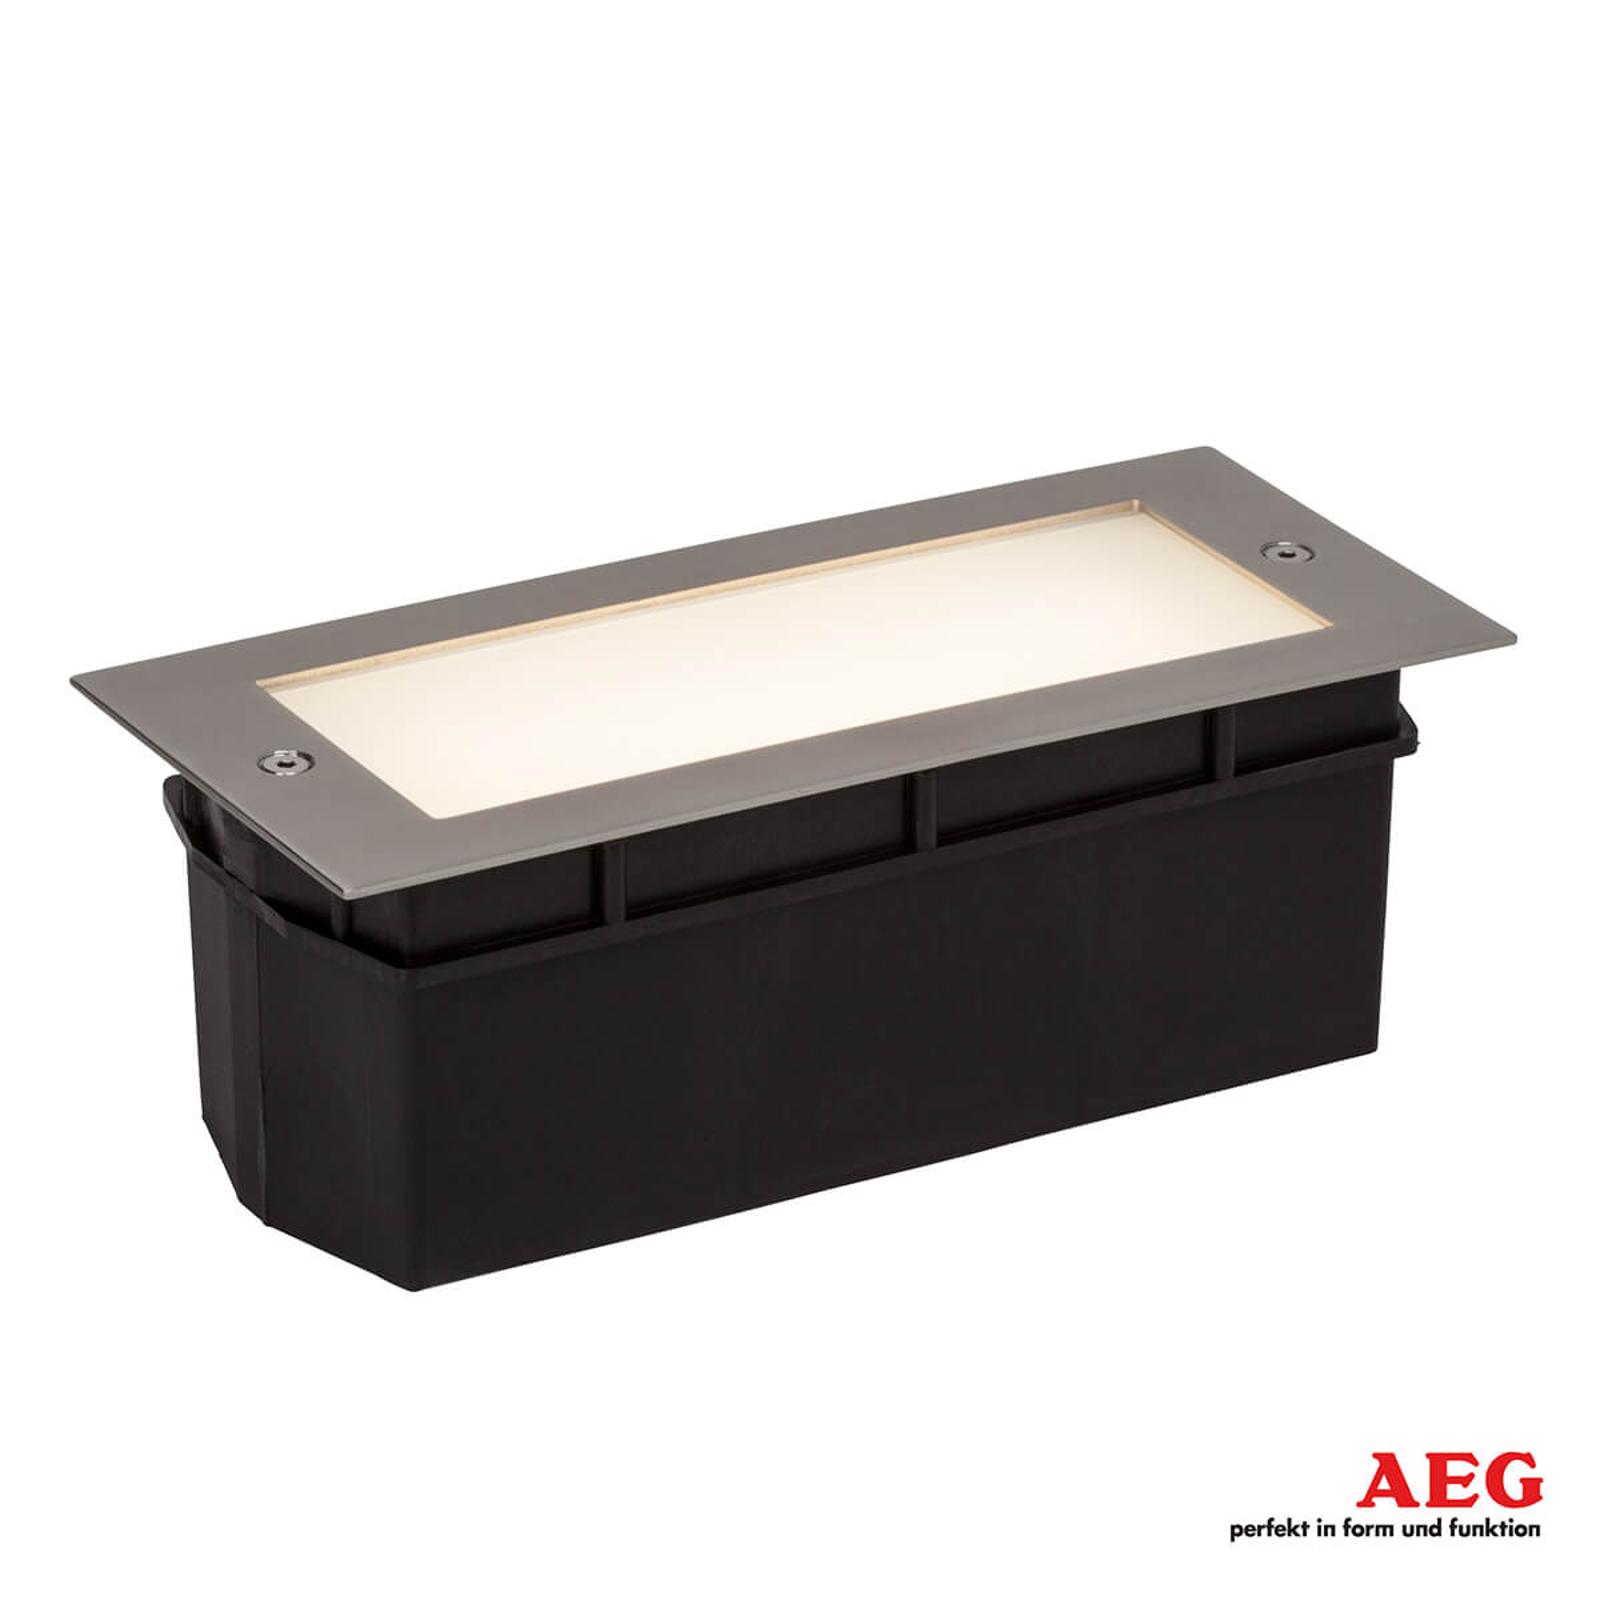 Wall LED-vegglampe for innfelling, satinert glass